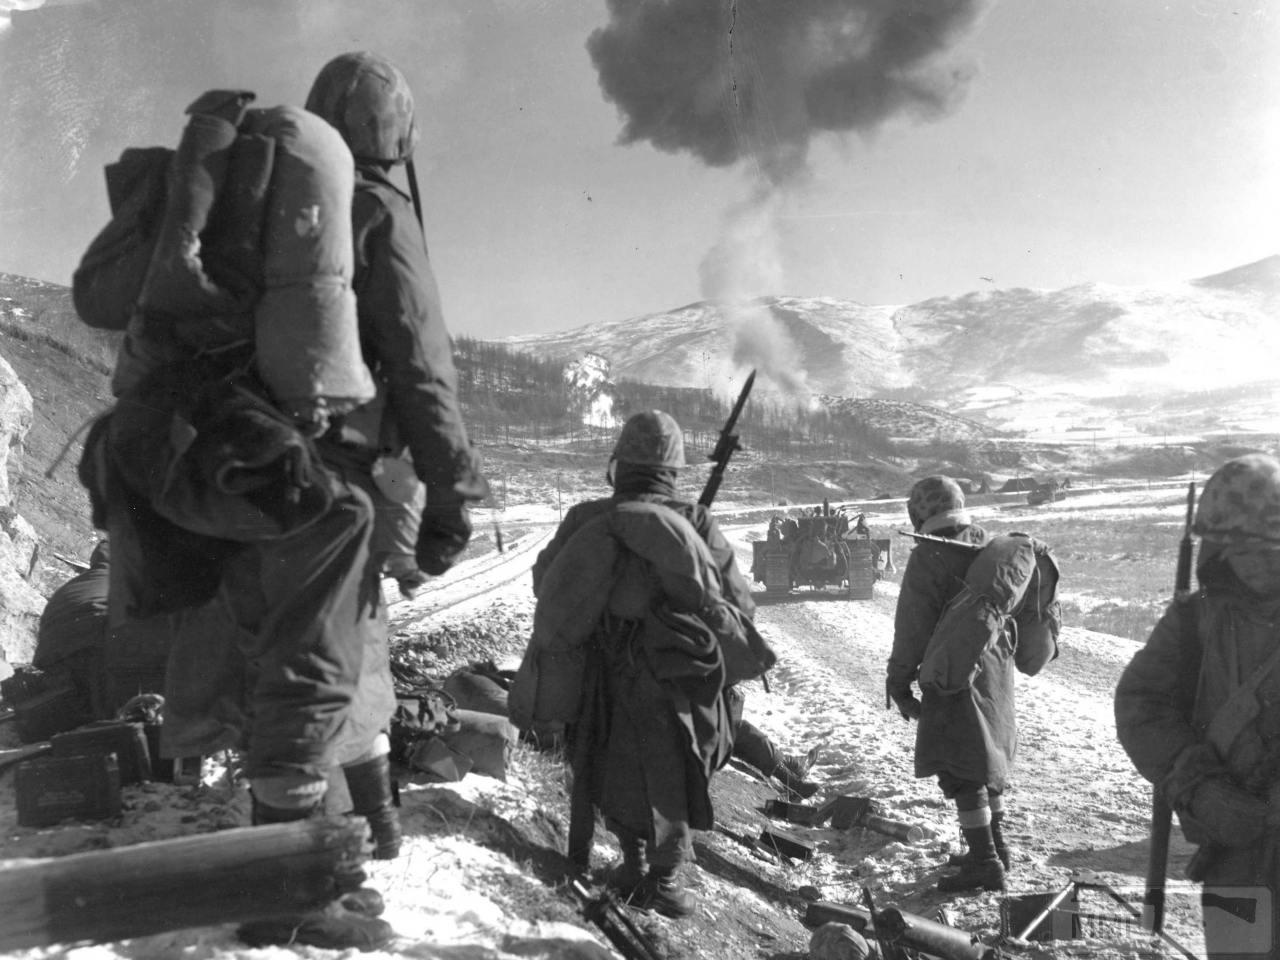 109762 - Война в Корее (25.06.1950 - 27.07.1953)